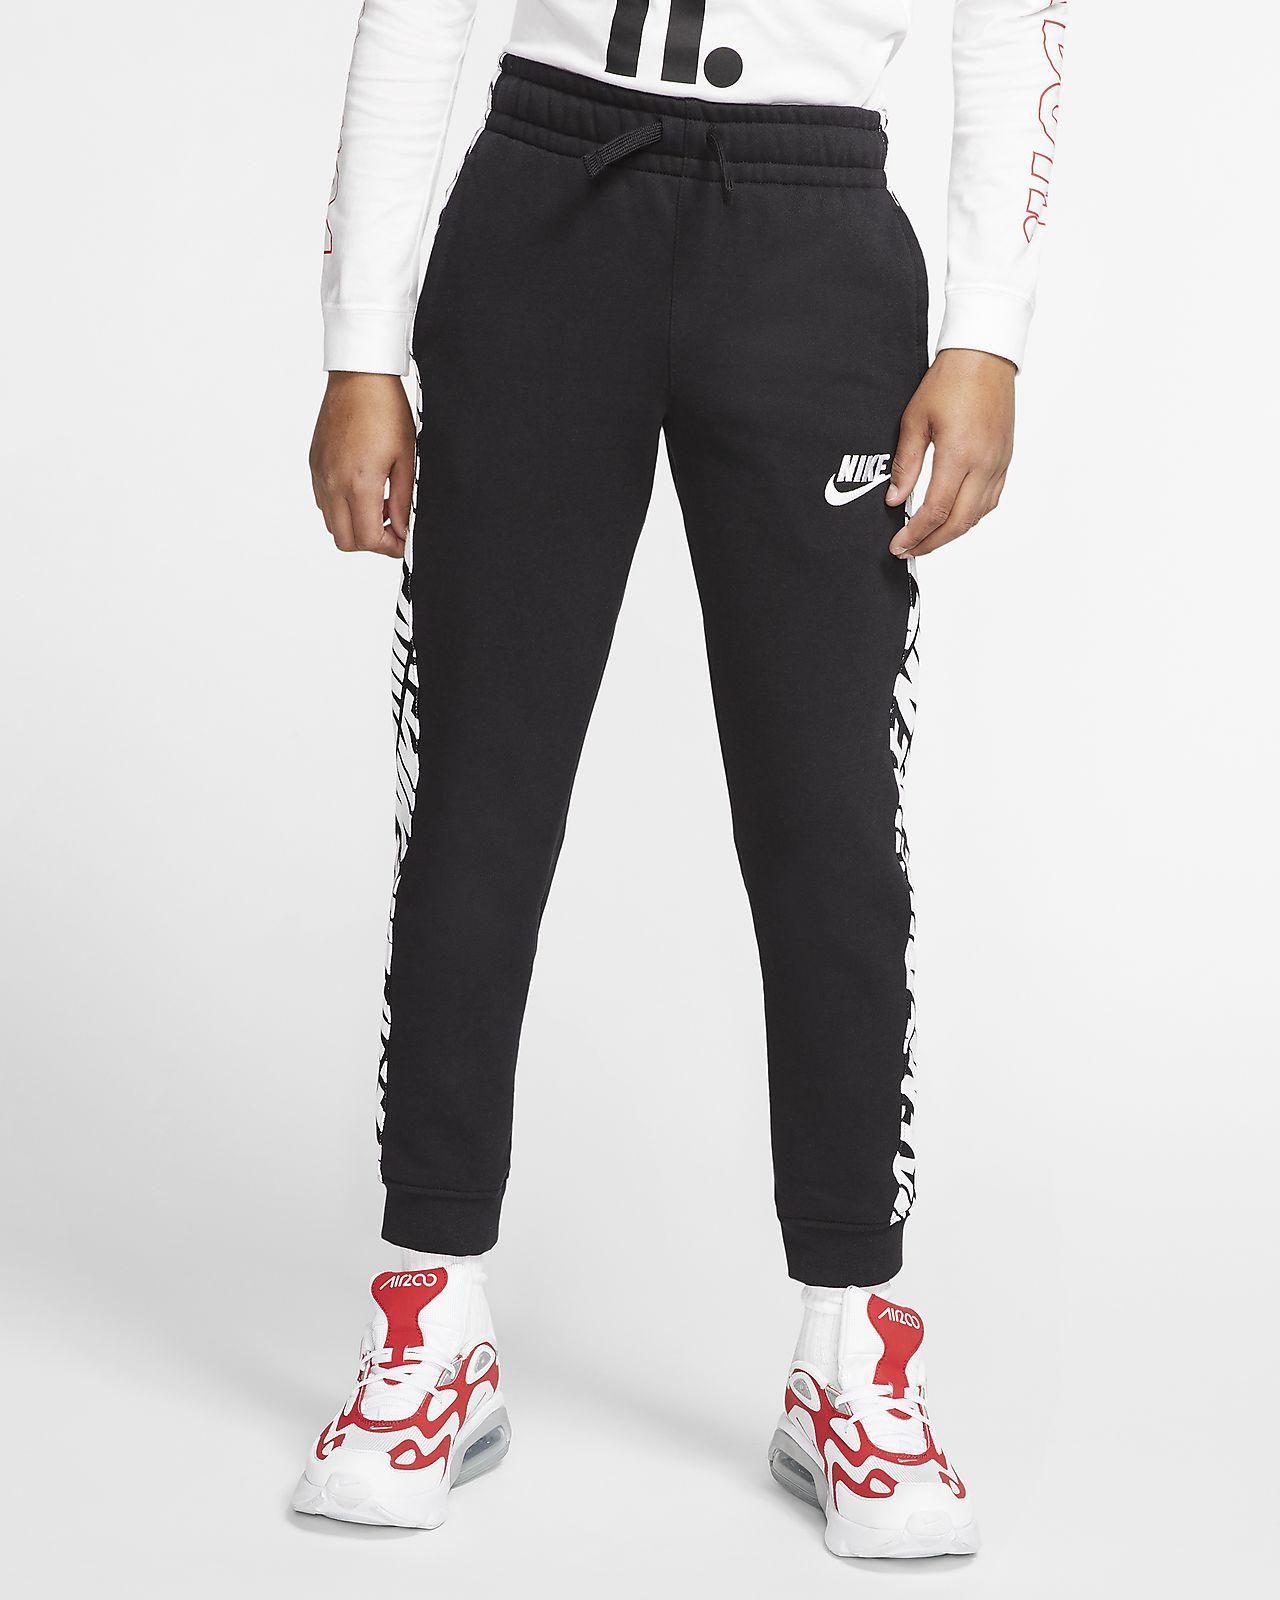 Calças em tecido moletão Nike Sportswear Júnior (Rapaz)